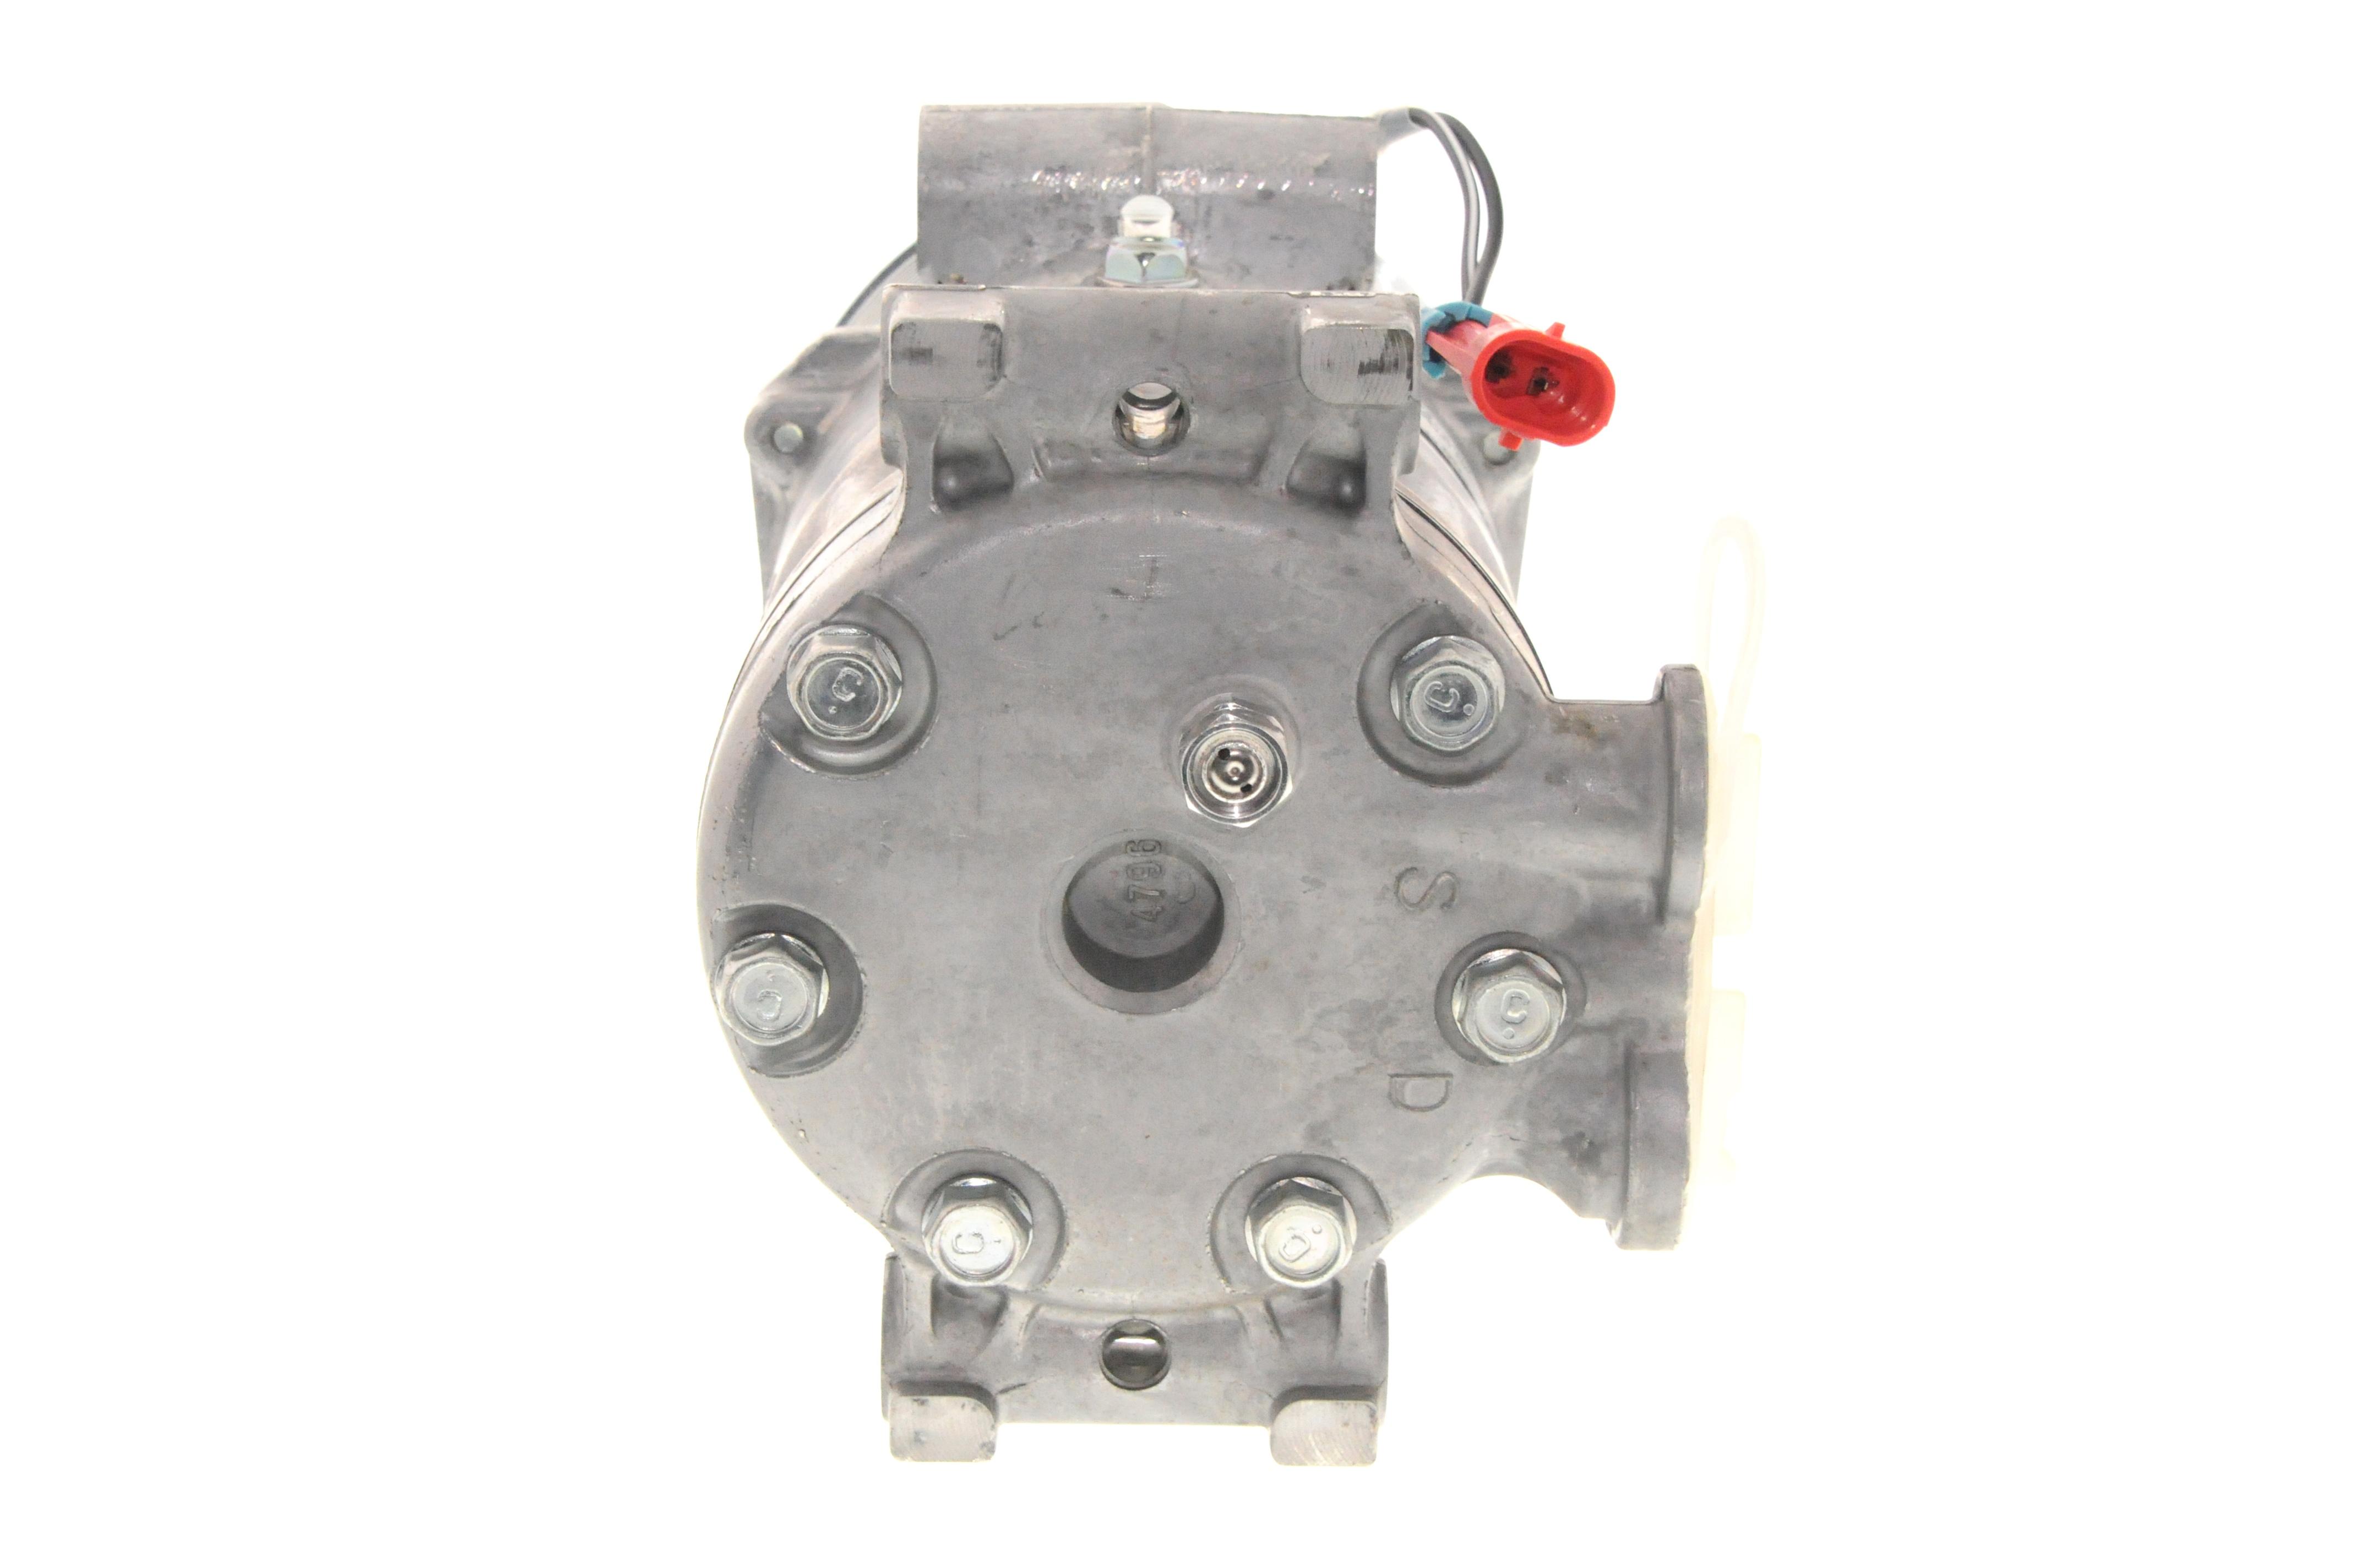 ACDELCO GM ORIGINAL EQUIPMENT - A/C Compressor - DCB 15-21196